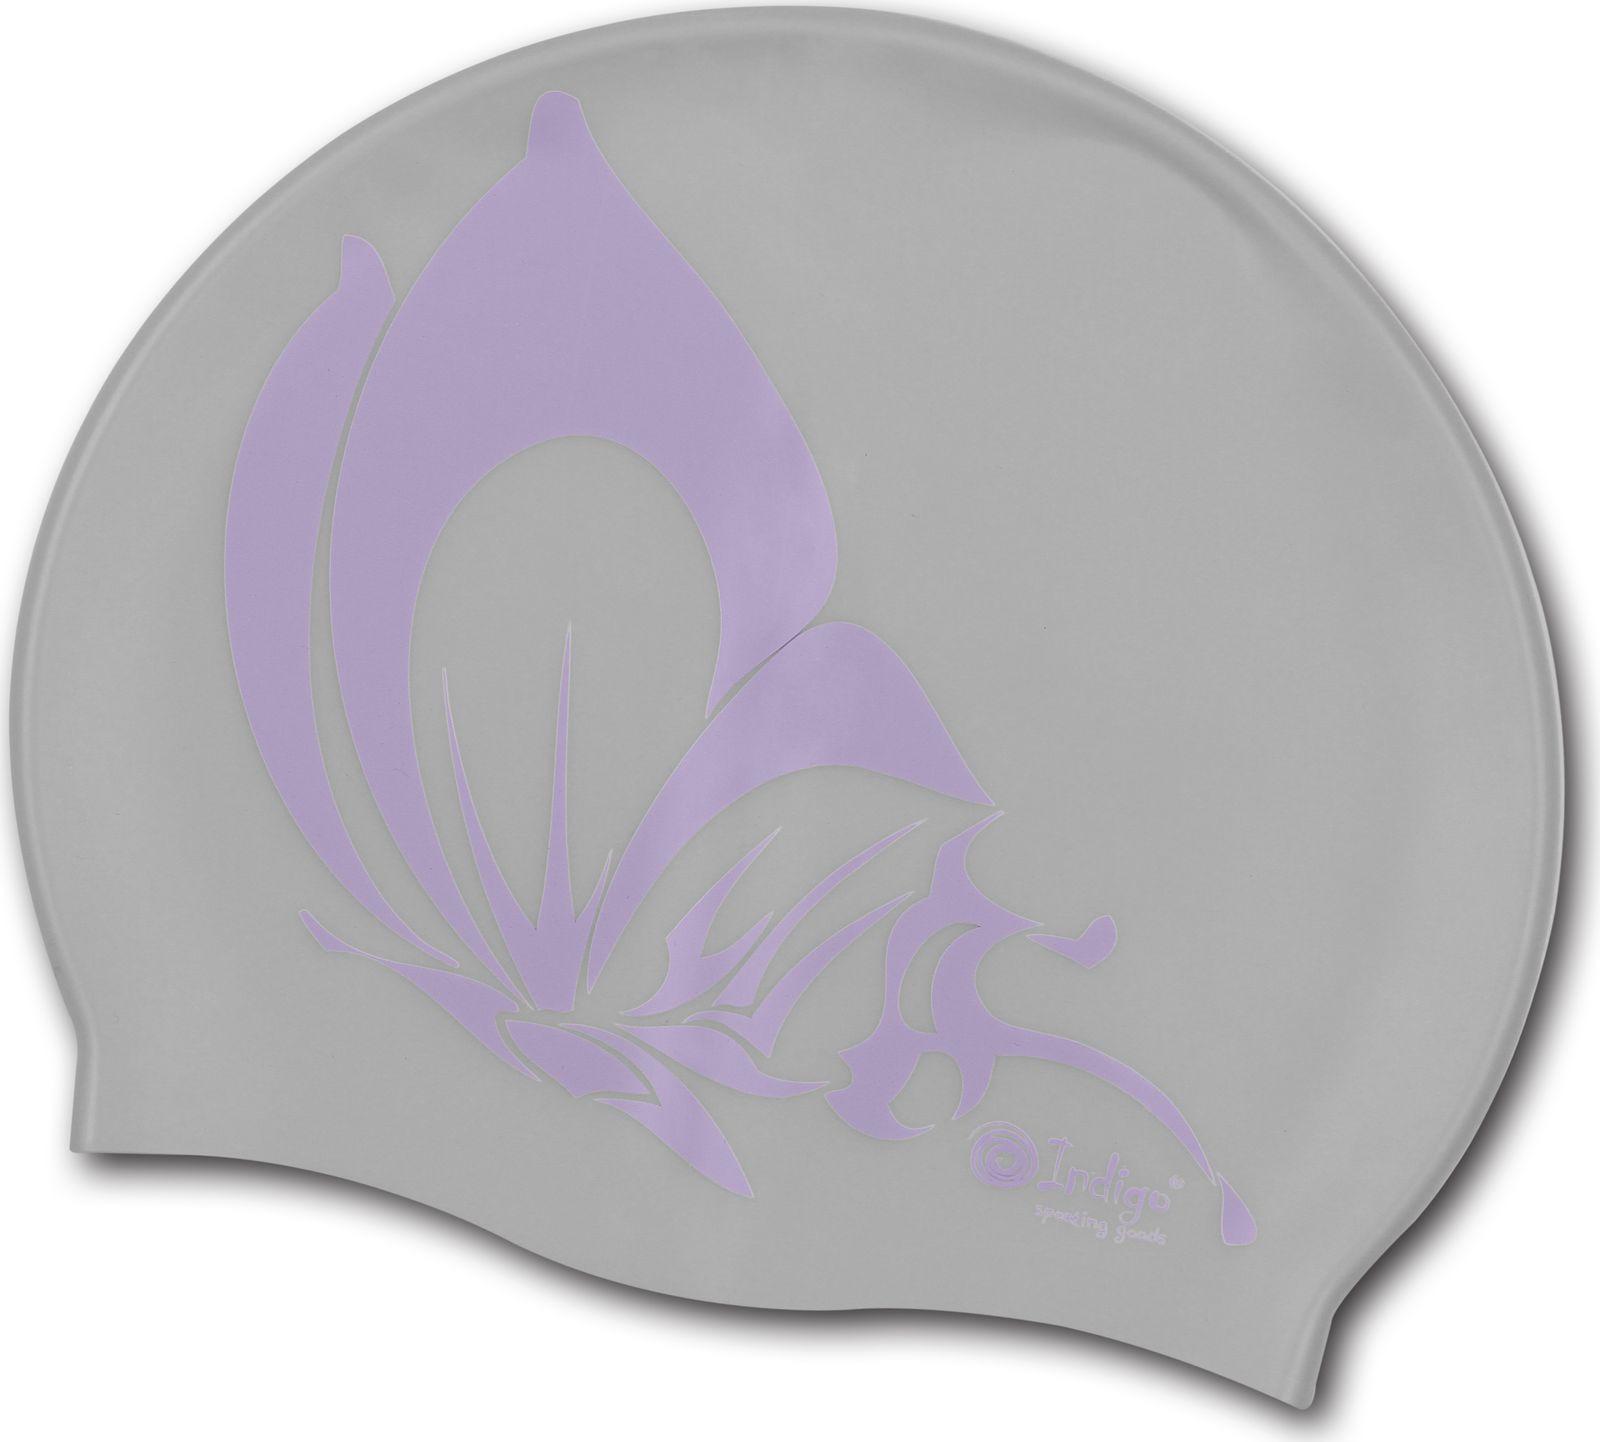 Шапочка для плавания Indigo Бабочка, SCBT101, серыйSCBT101Шапочка для плавания защищает волосы от намокания, позволяя волосам оставаться относительно сухими Волосы, убранные под плавательную шапочку, не лезут в глаза и не отвлекают от тренировок В данной модели шапочки для бассейна с рисунком в виде Бабочки удобство, простота и комфорт сочетаются в одном целом Силиконовые шапочки для бассейна наиболее распространенный вариант, имеющий множество достоинств Очень важно, что эти плавательные шапочки не могут вызвать аллергию Еще один несравнимый плюс - силиконовые плавательные шапочки являются очень эластичными, легче одеваются и не доставляют практически никаких неудобств Рассчитана на долгий срок службы.